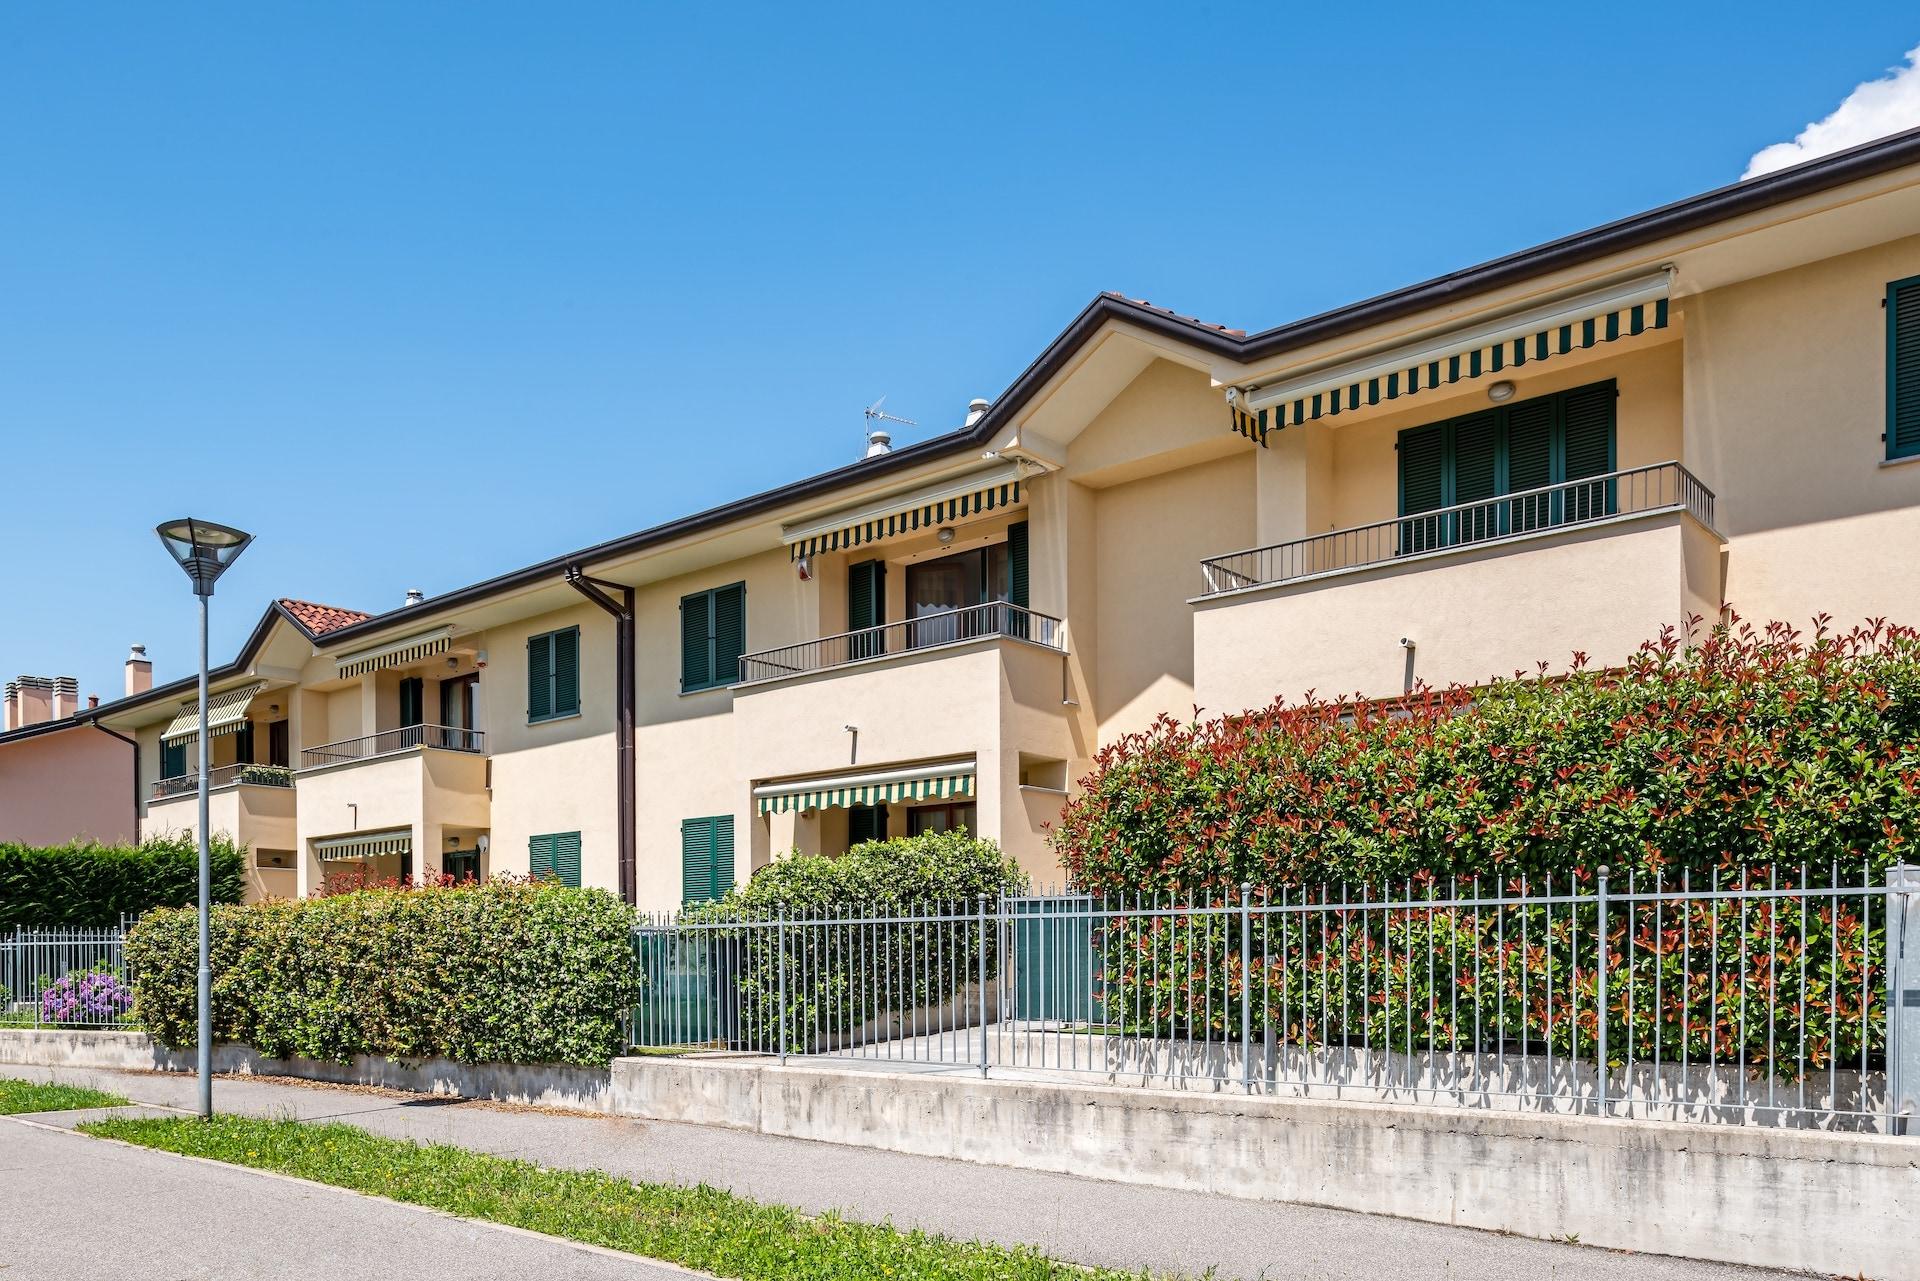 Condominio Il Melograno – Condominio Ai Boschi, via Tricino 89-89a-b-c e via dei Boschi 28-30-Nerviano (3)